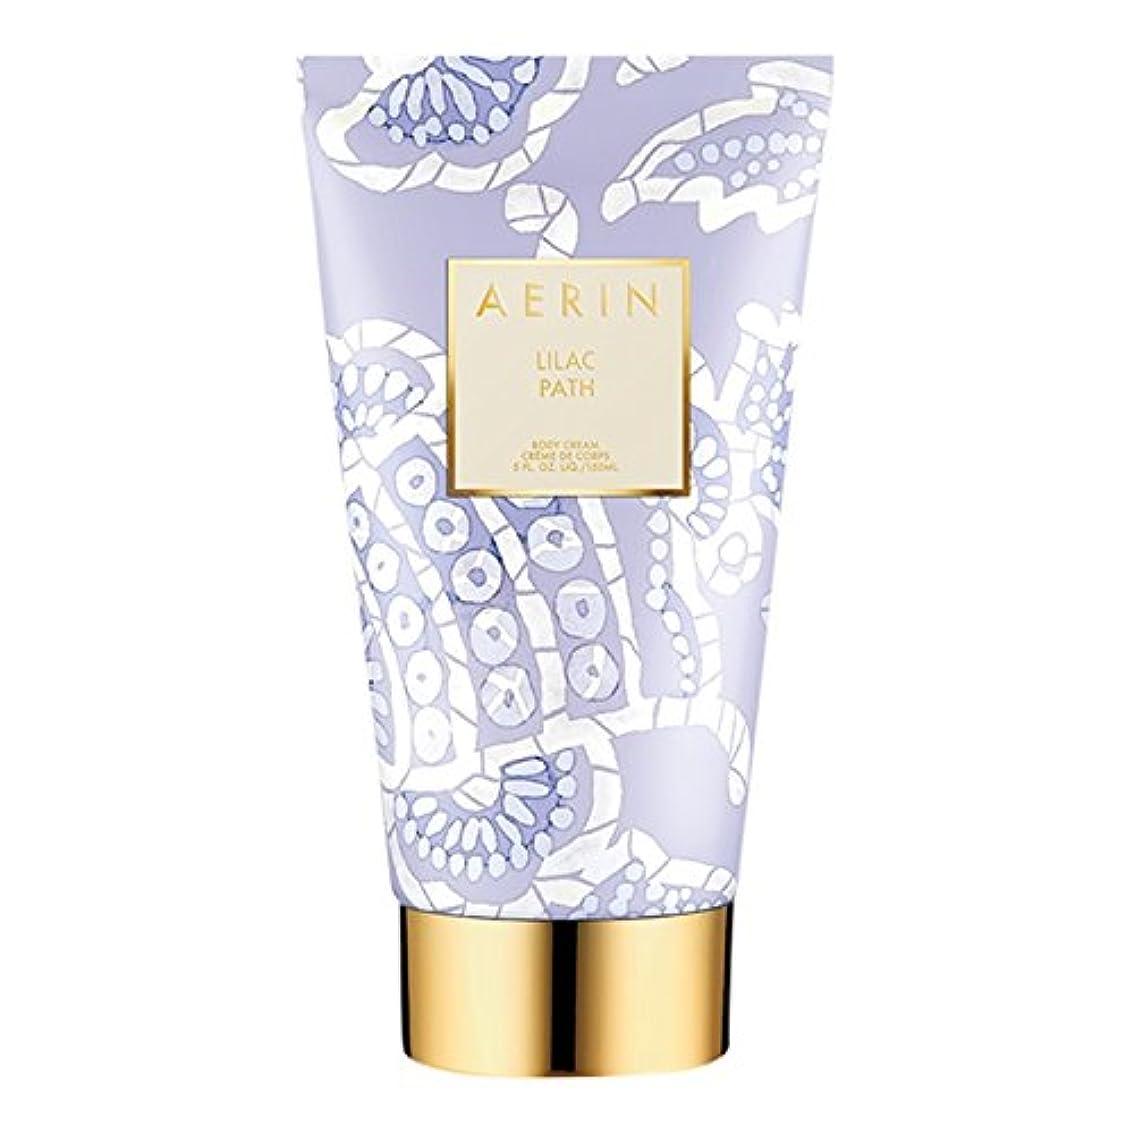 航海の最大限裏切り者Aerinライラックパスボディクリーム150ミリリットル (AERIN) (x2) - AERIN Lilac Path Body Cream 150ml (Pack of 2) [並行輸入品]